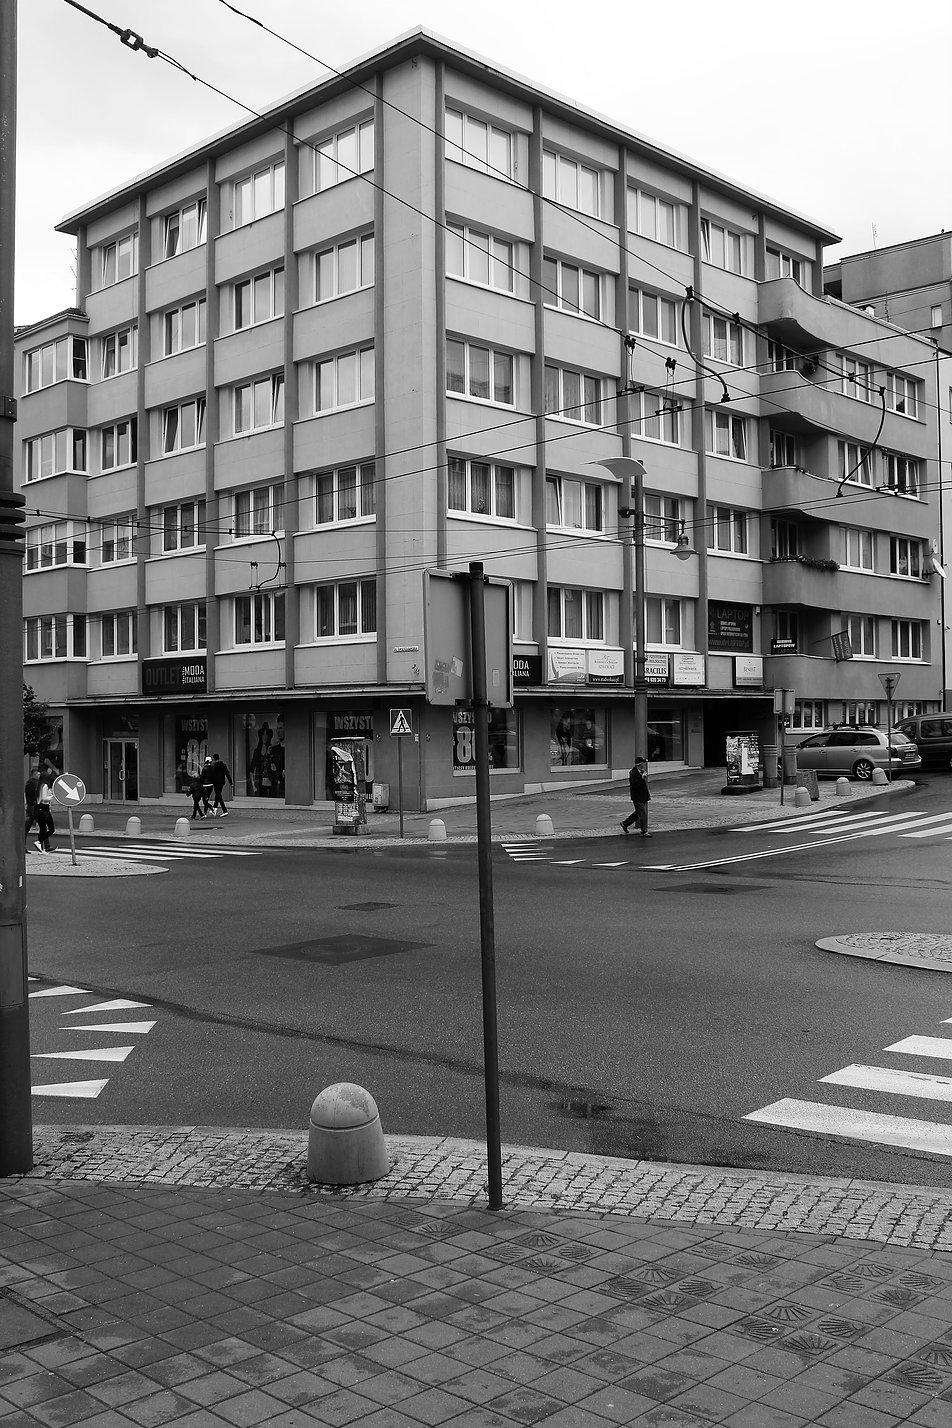 Gdynia. Kamienica Krenskiego. Świętojańska 55. Projekt Zbigniew Kupiec, Tadeusz Kossak. 1938. Fot. Jerzy S. Majewski